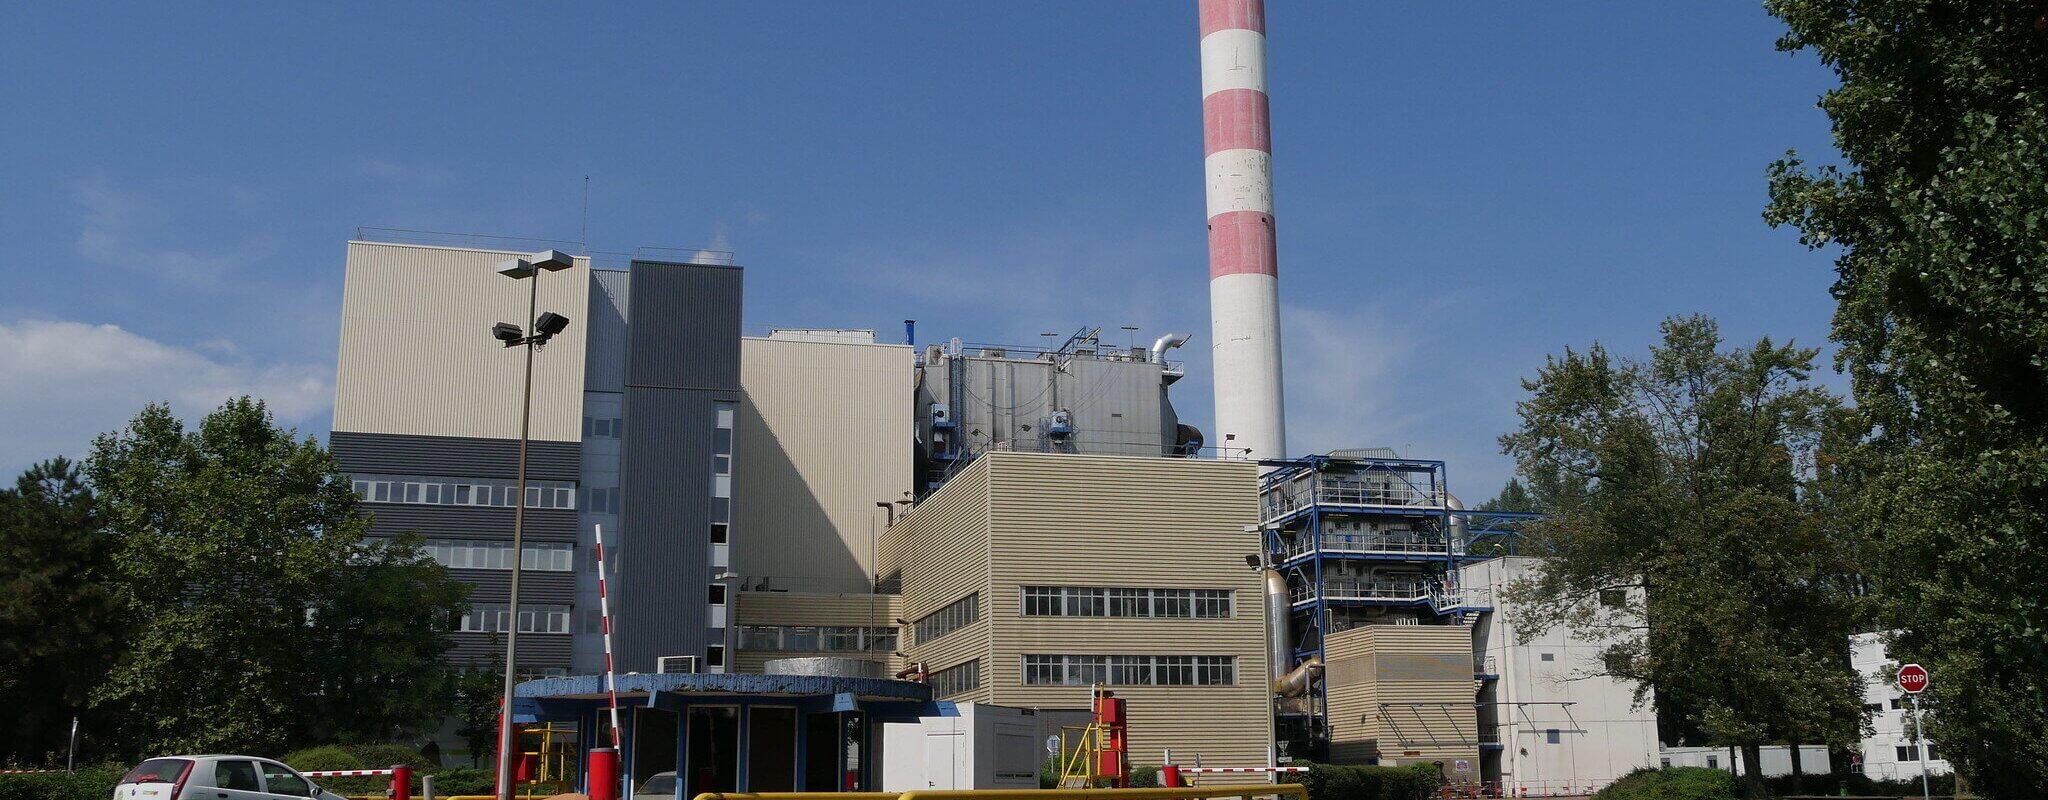 L'incinérateur de Strasbourg placé sous surveillance renforcée suite à des émissions excessives de dioxines et de furannes